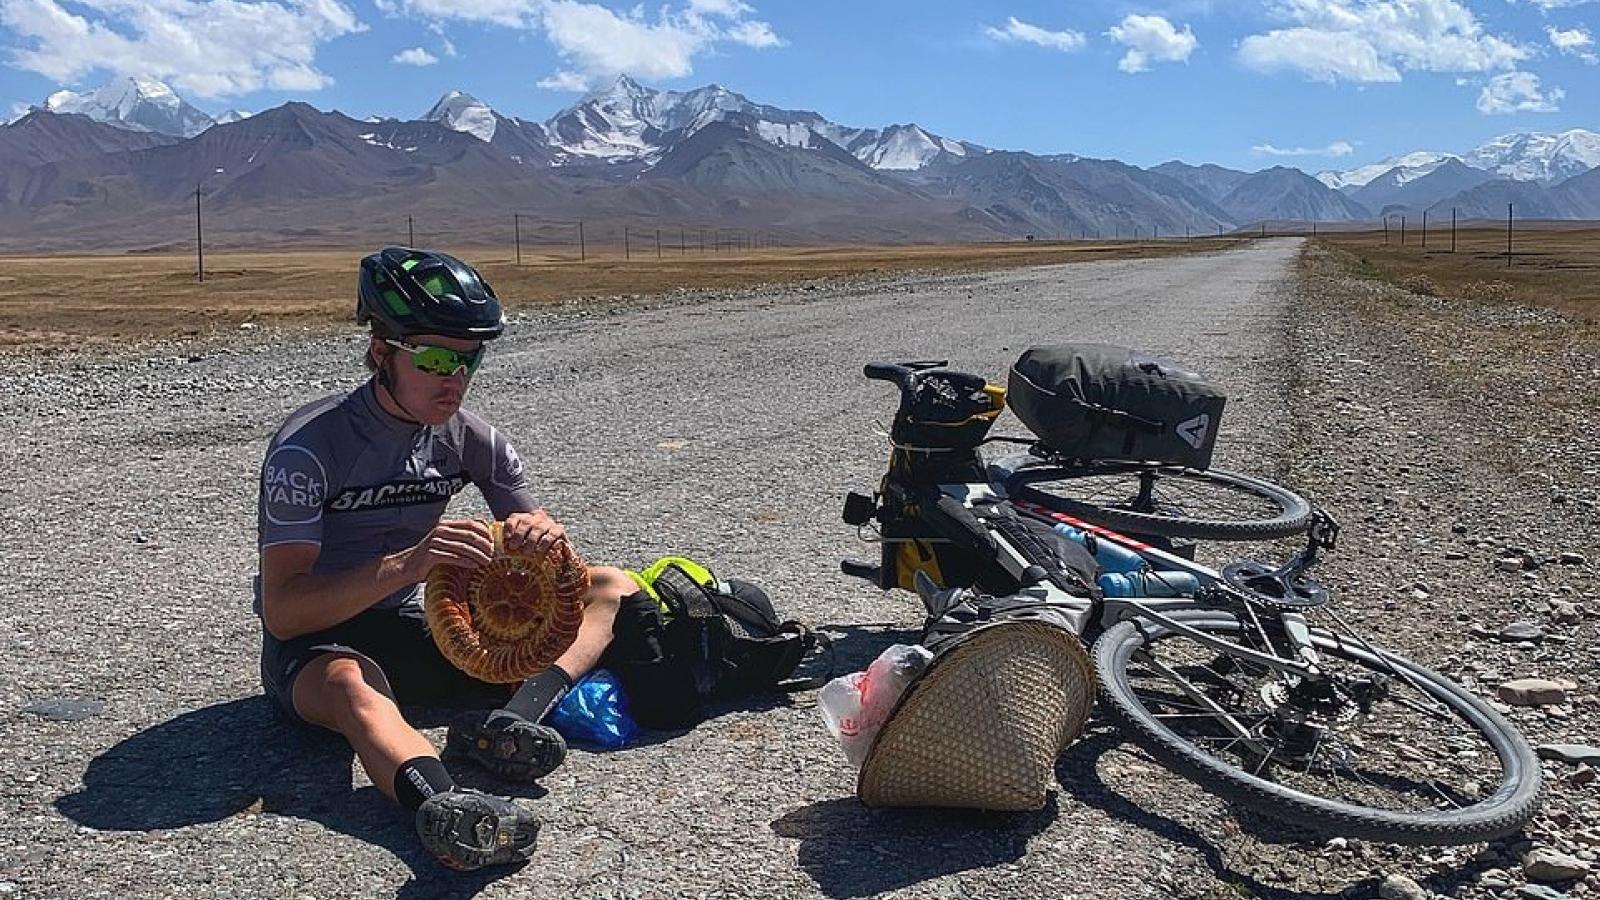 Đạp xe từ Trung Quốc về Anh nhờ lòng tốt của những người xa lạ